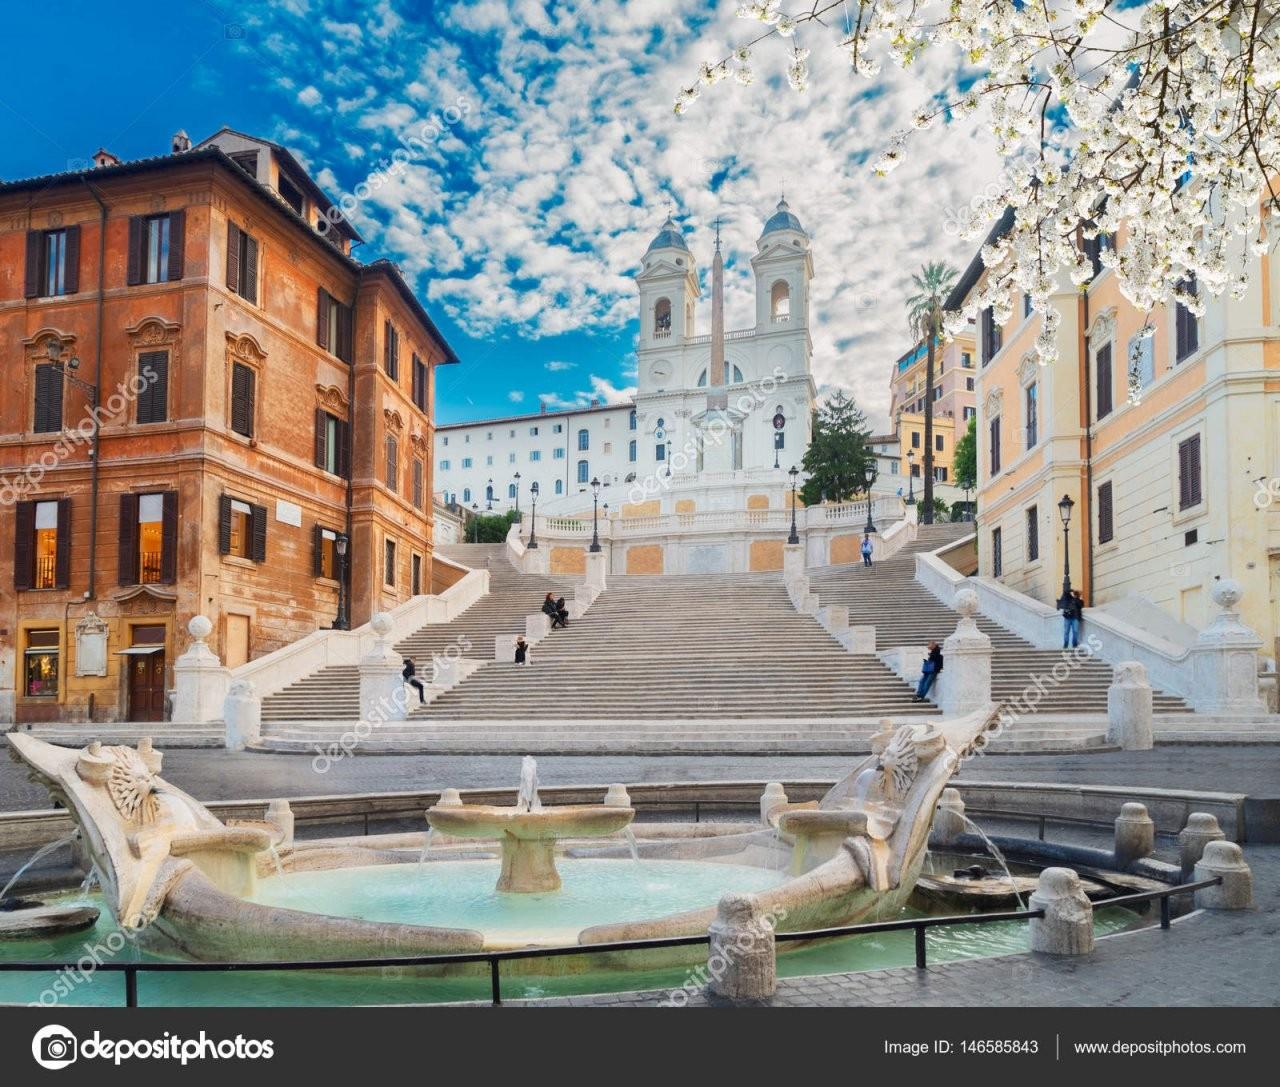 Spanische Treppe Rom Italien — Stockfoto © Neirfys 146585843 von Webcam Rom Spanische Treppe Bild